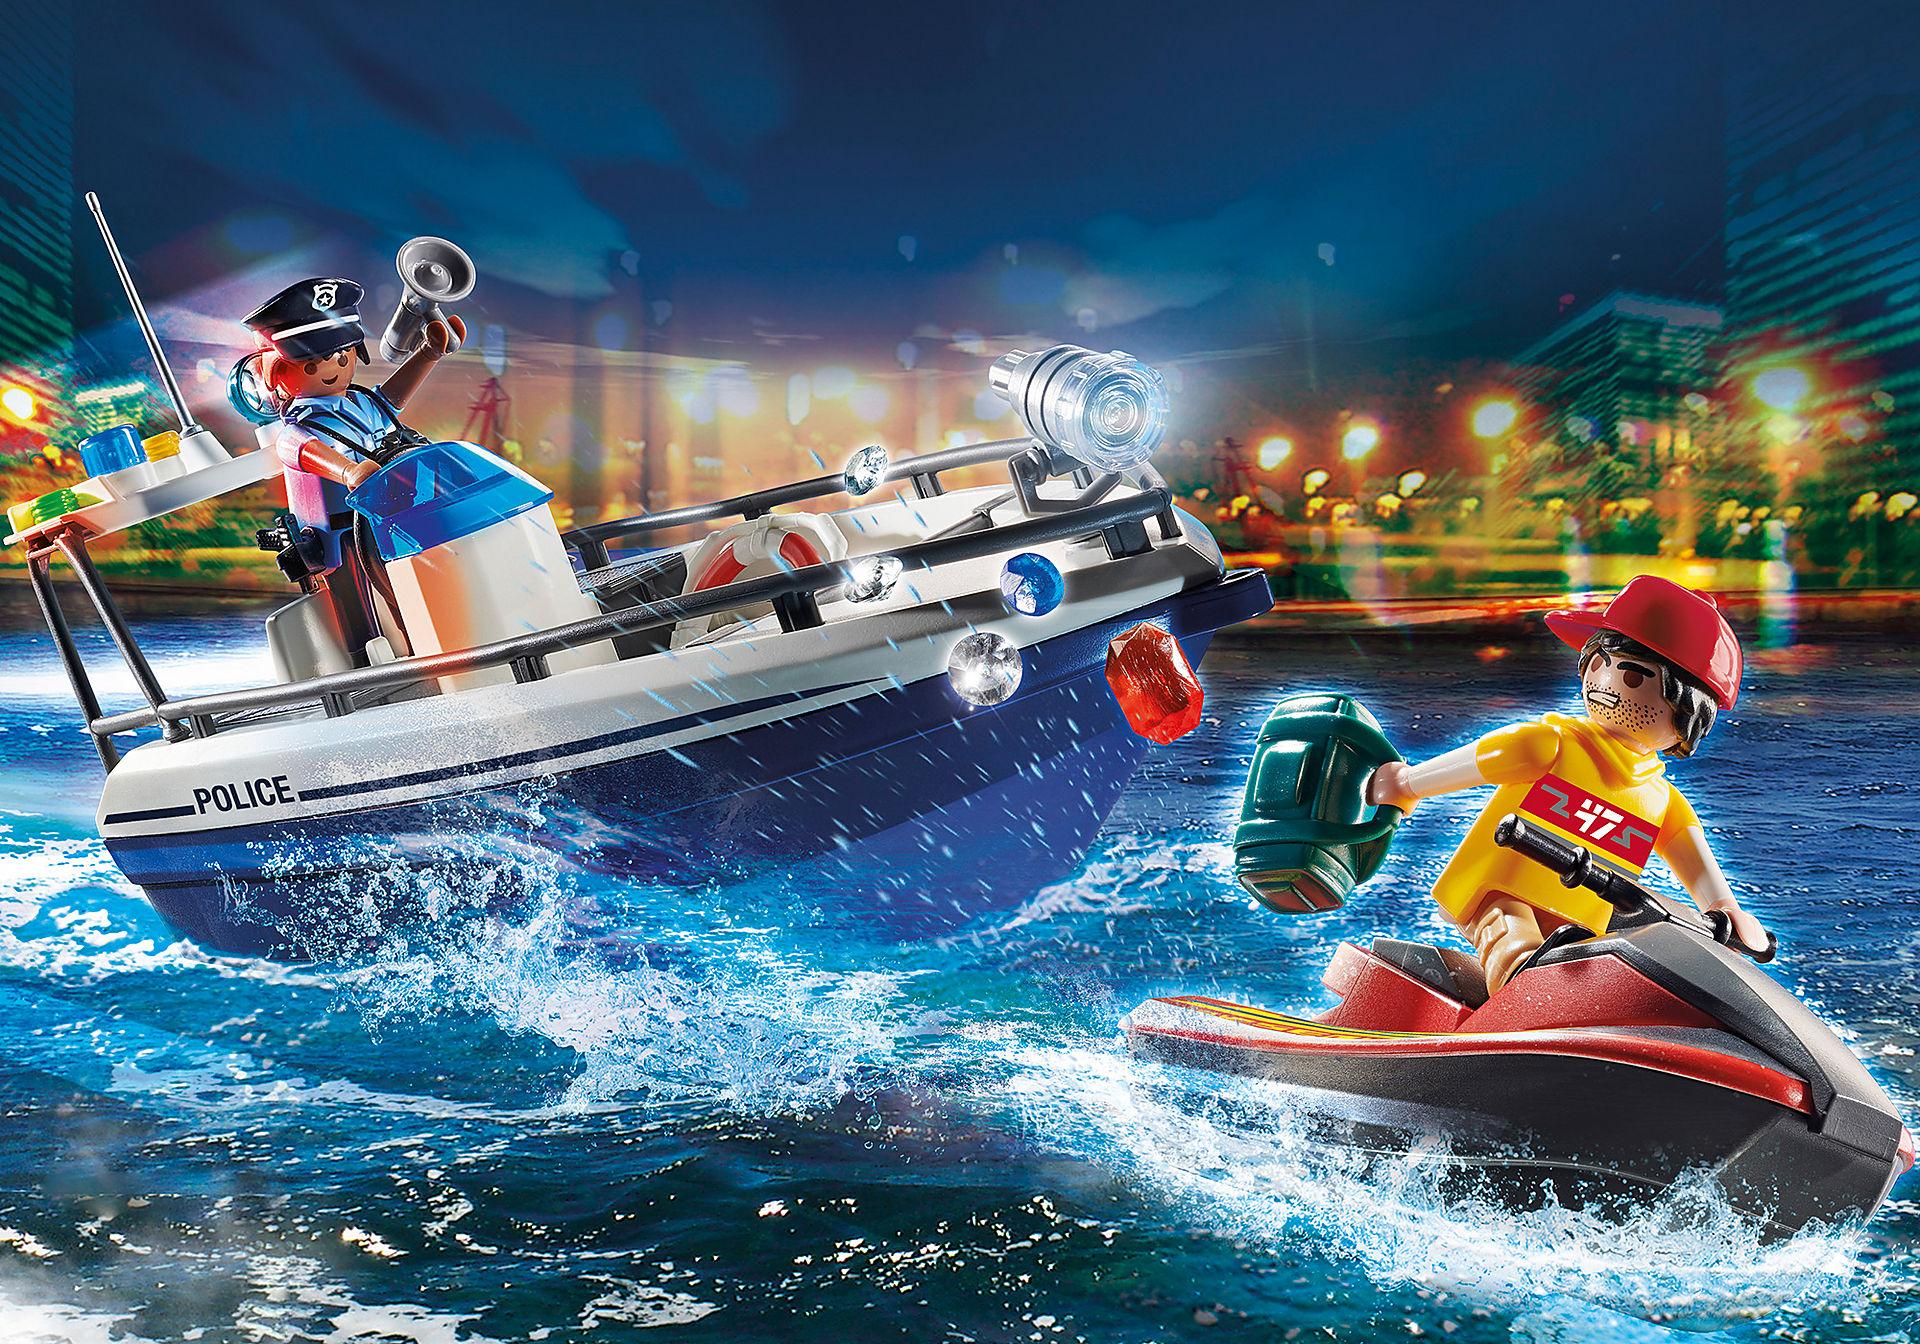 70463 Guarda Costeira e Ladrão em moto de água zoom image1